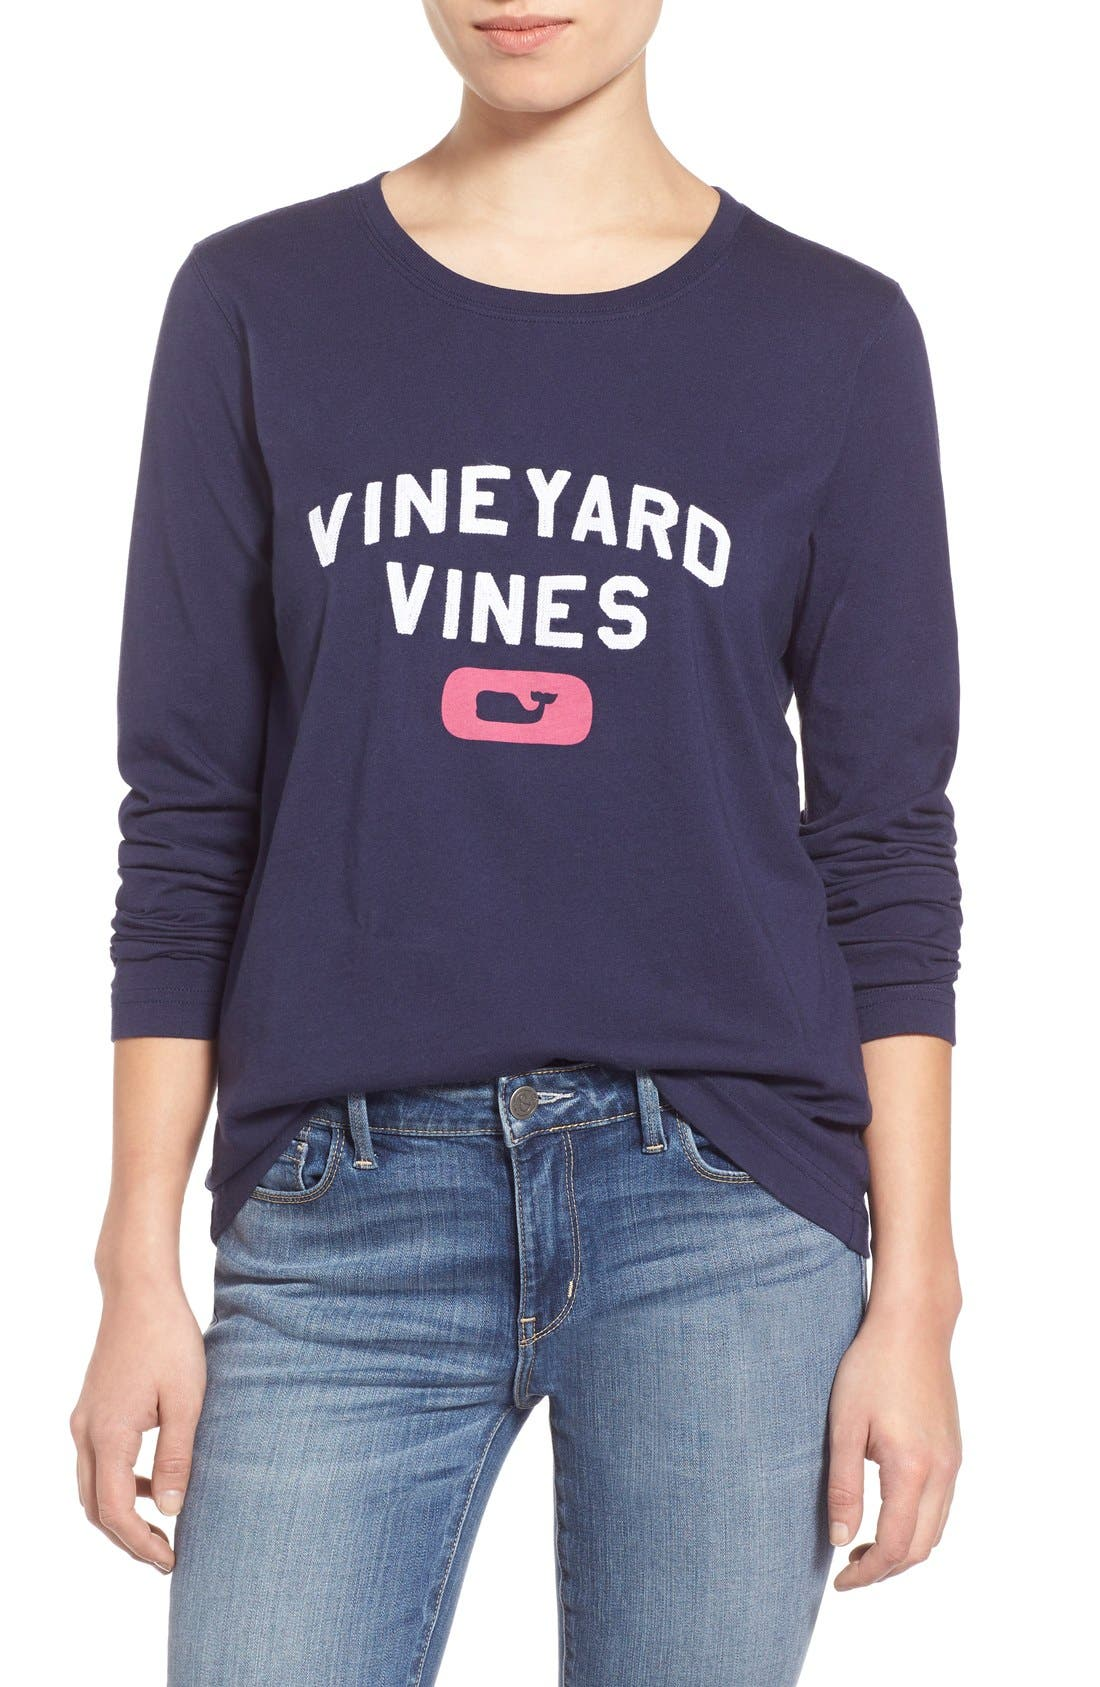 Alternate Image 1 Selected - Vineyard Vines 'Collegiate' Long Sleeve Tee